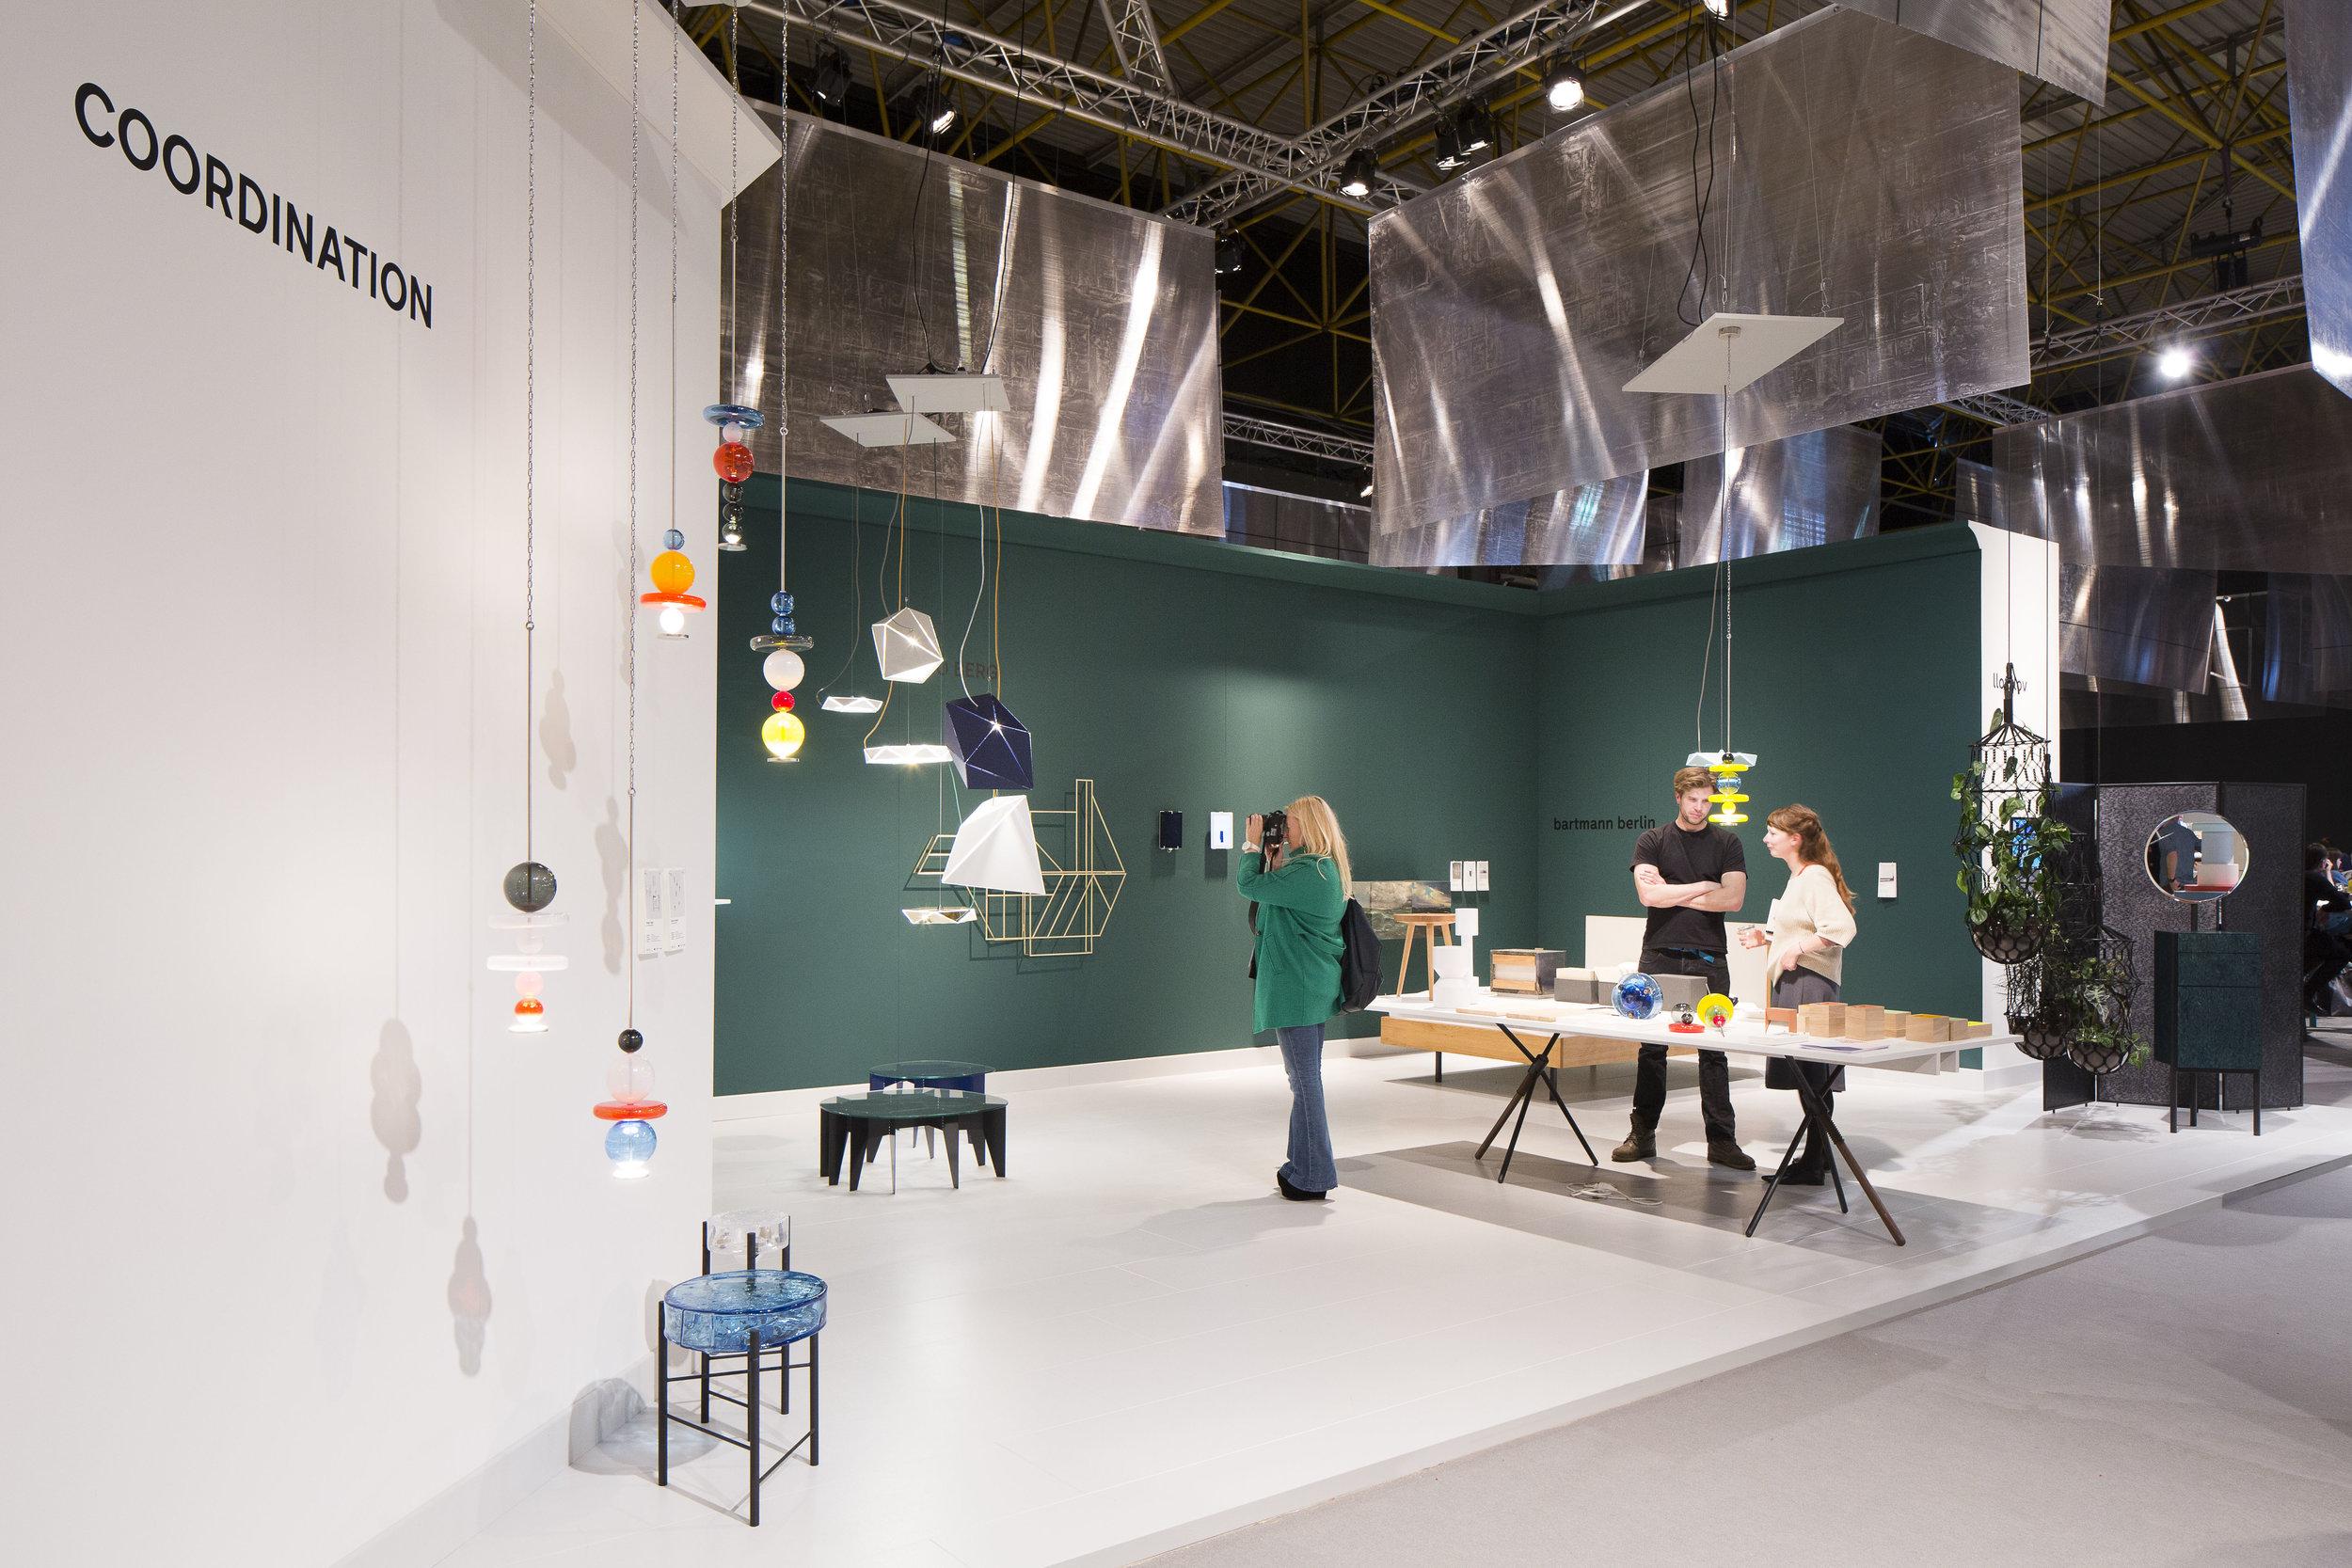 berlin-design-selection-kortrijk_tradefair-exhibition-design_coordination-berlin_03.jpg